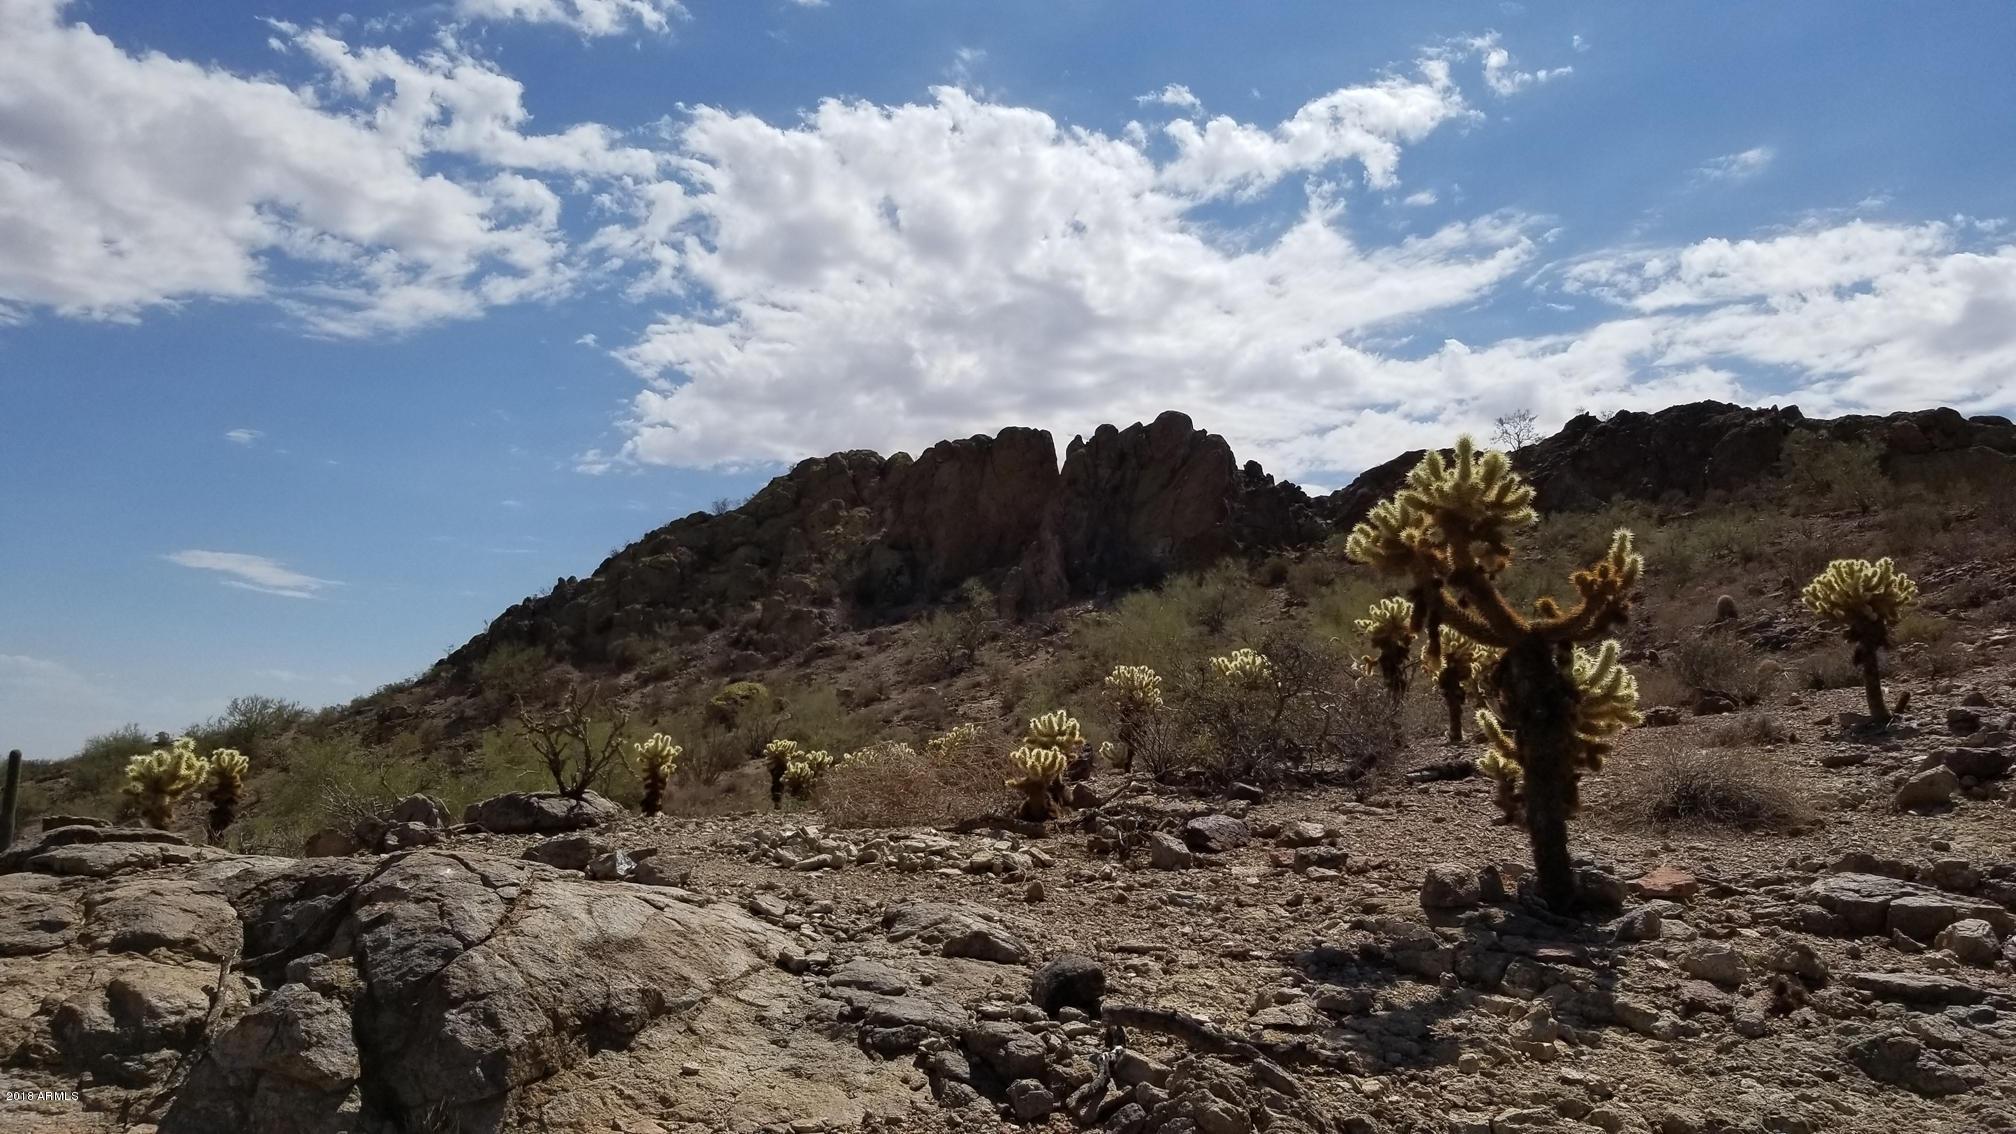 MLS 5827650 5235 S Red Yucca Lane, Gold Canyon, AZ 85118 Gold Canyon AZ Mountainbrook Village